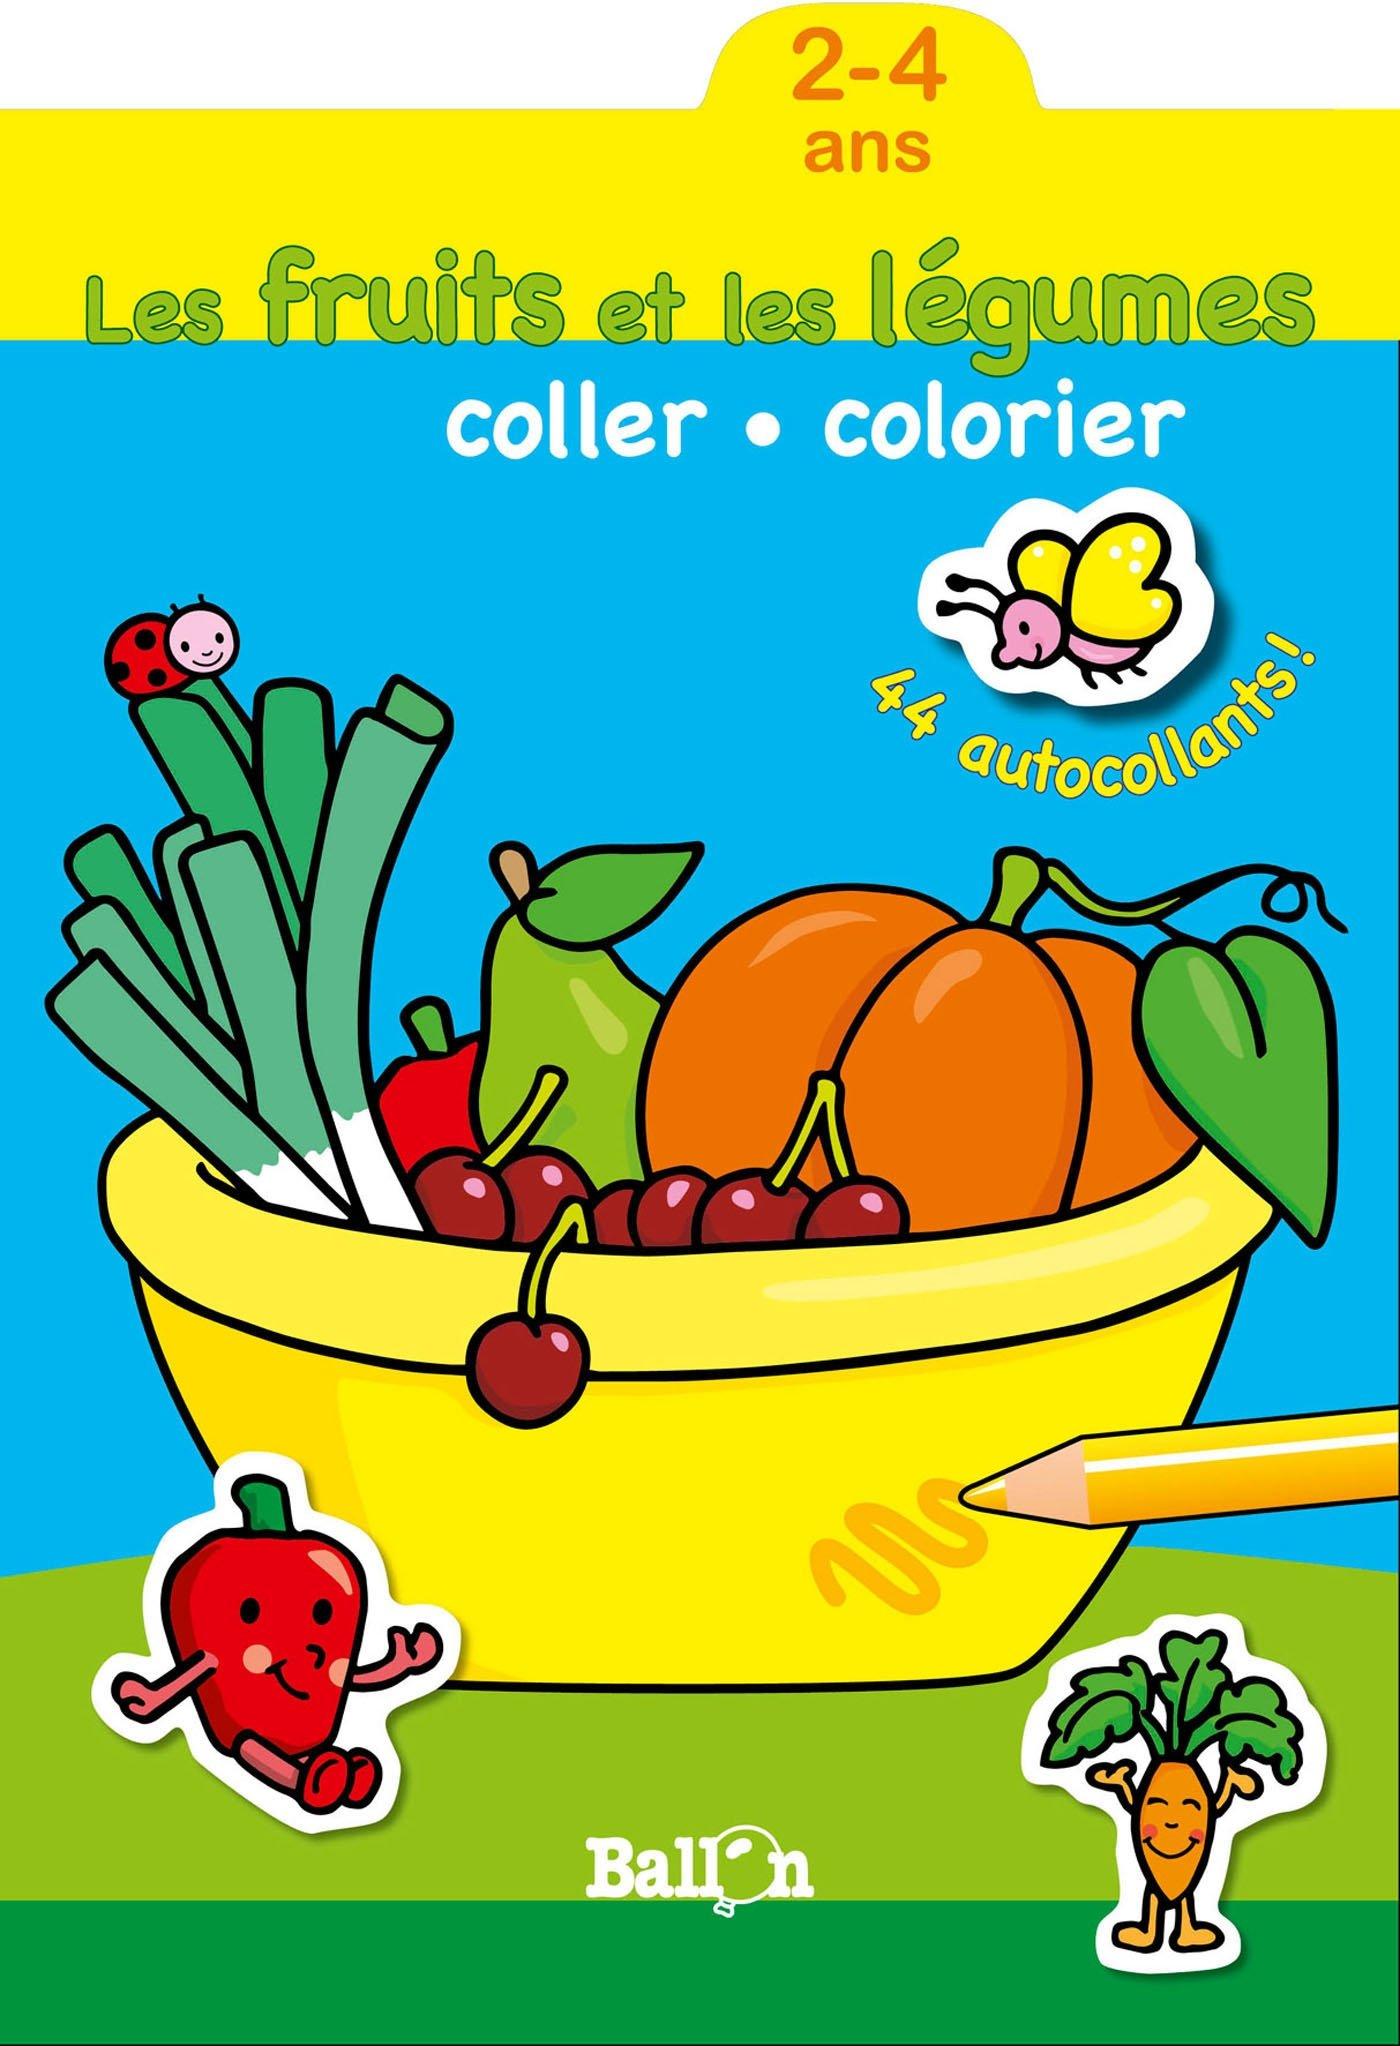 Coloriage Gommette Fruits Et Legumes.Coller Et Colorier Les Fruits Et Legumes 2 4 Ans Amazon Fr